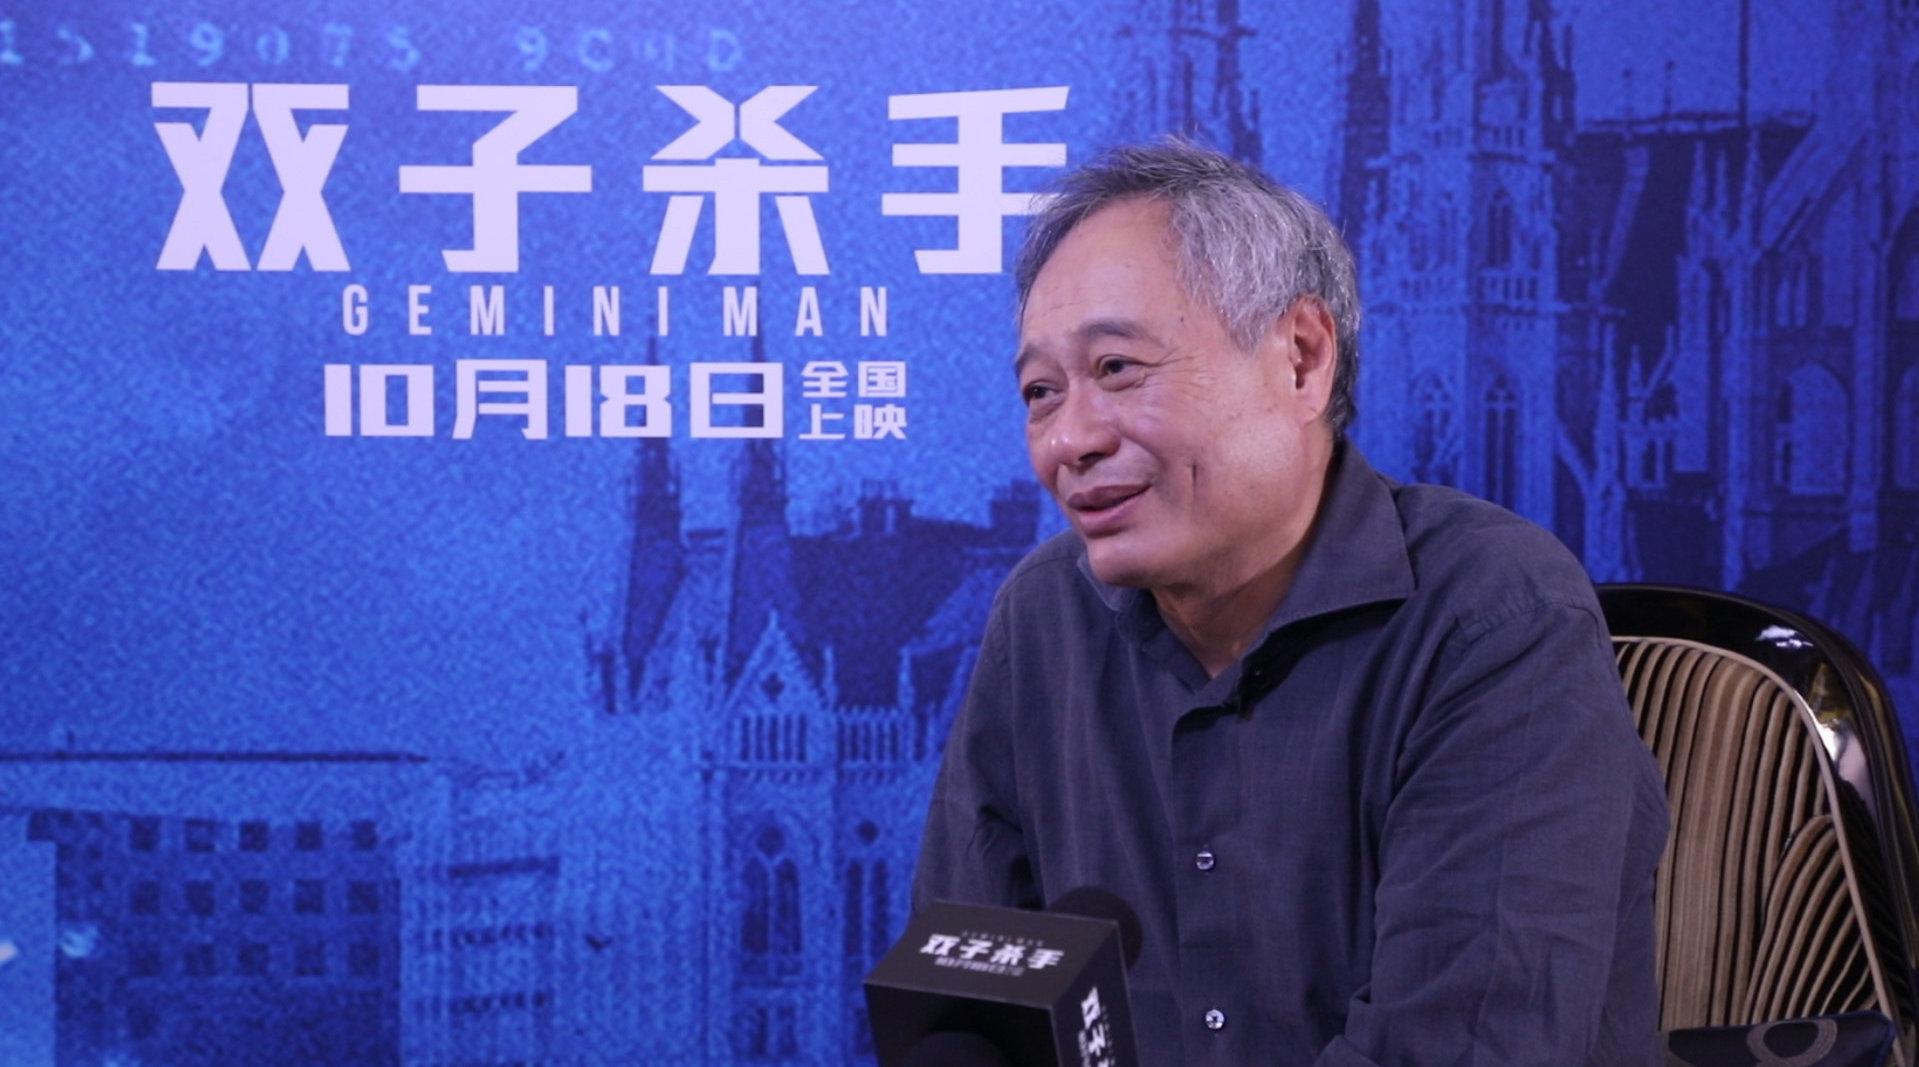 导演李安:新媒体就需要新技术 没有技术影像就出不来!